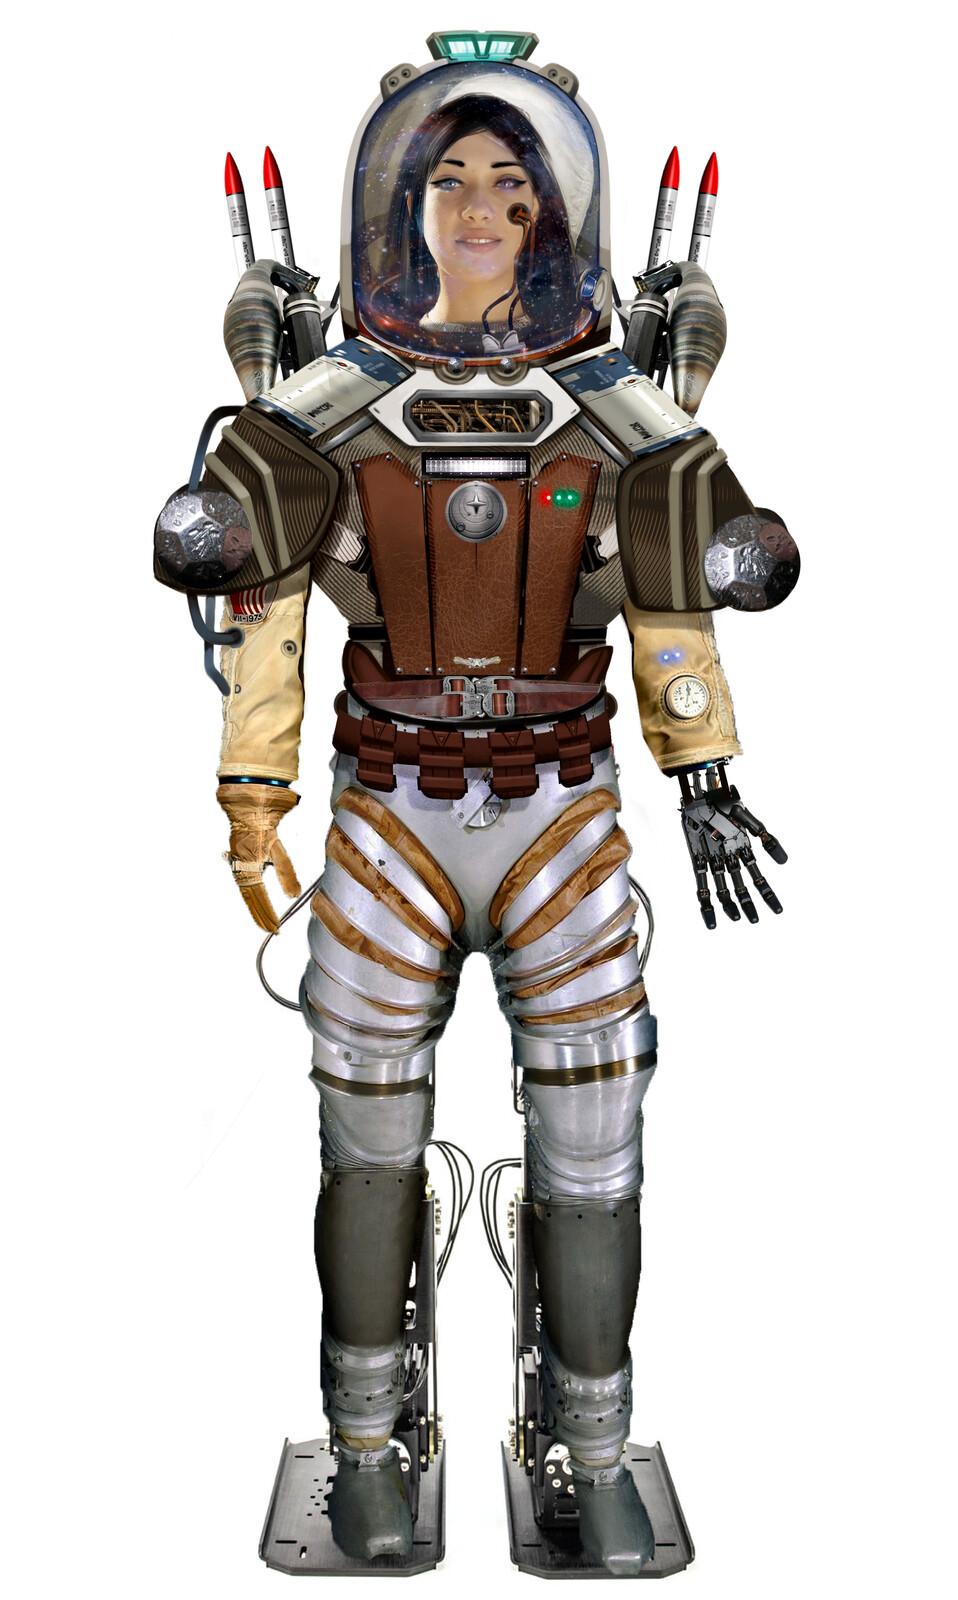 Expedition Suit Concept Art